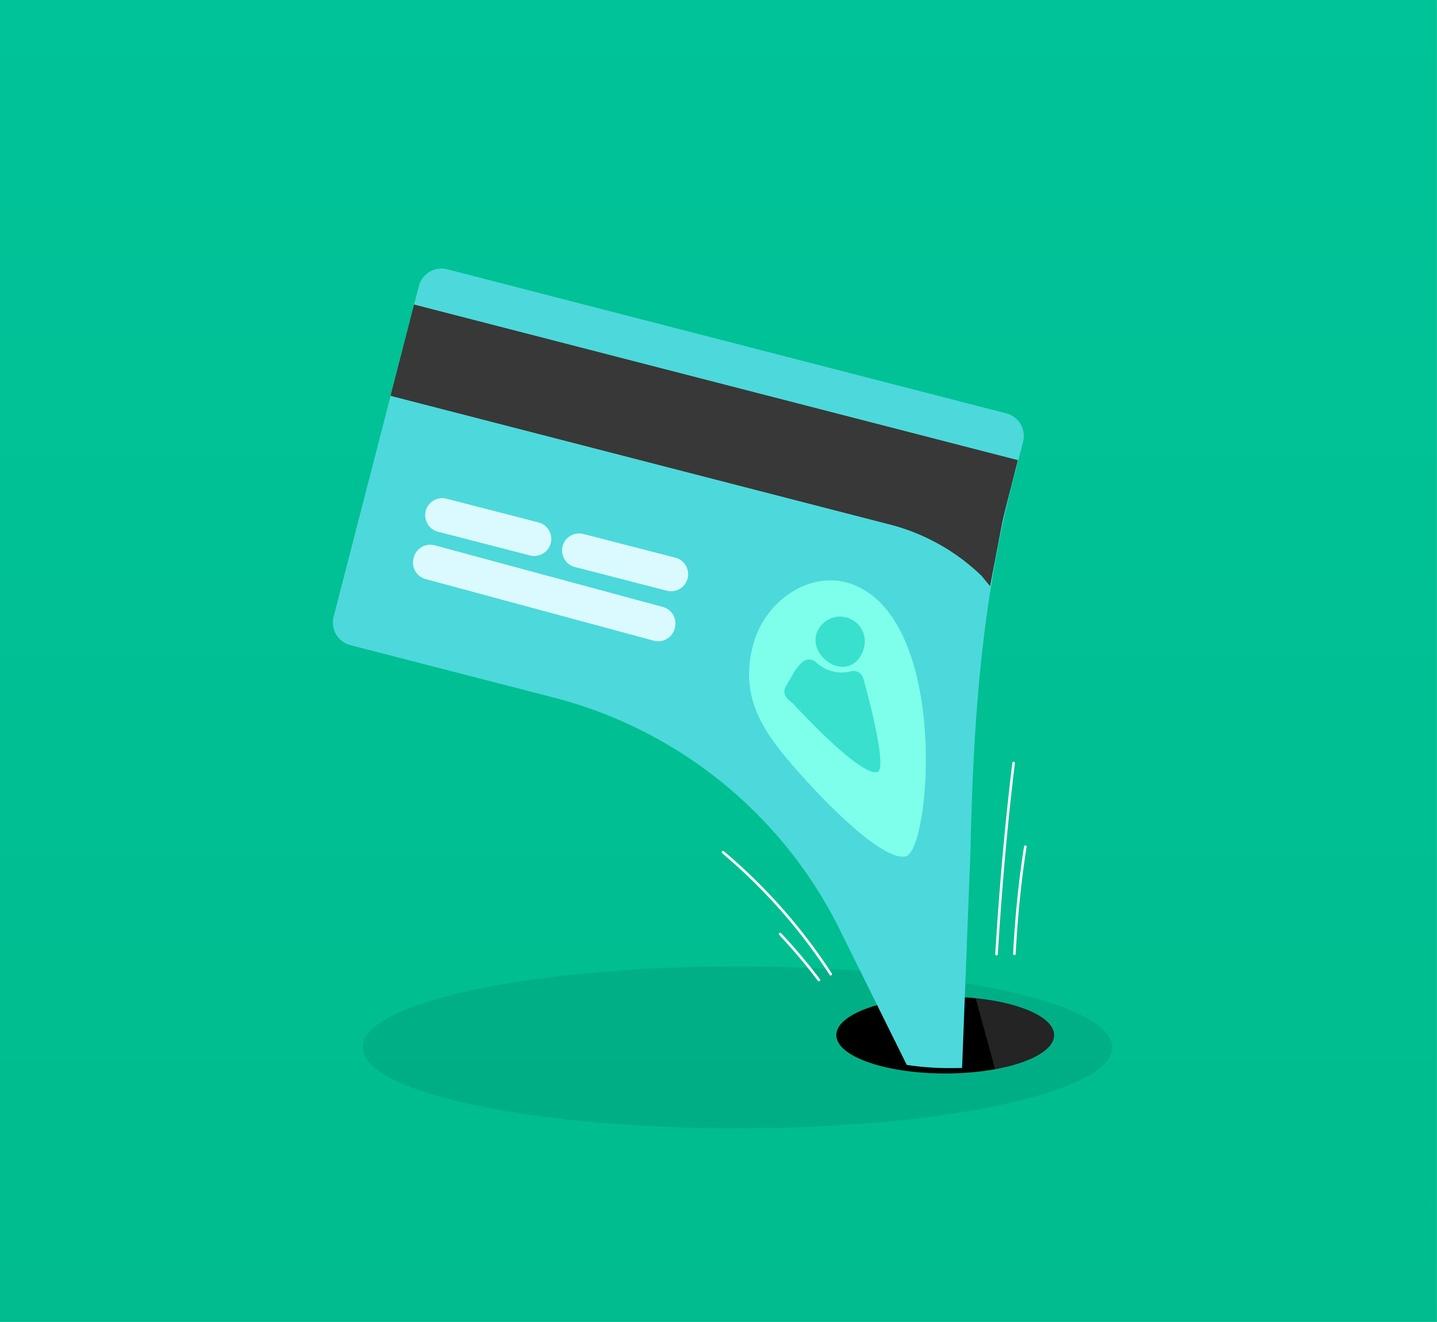 Minha solução de prevenção à fraude deve analisar toda transação virtual ou apenas as mais arriscadas?